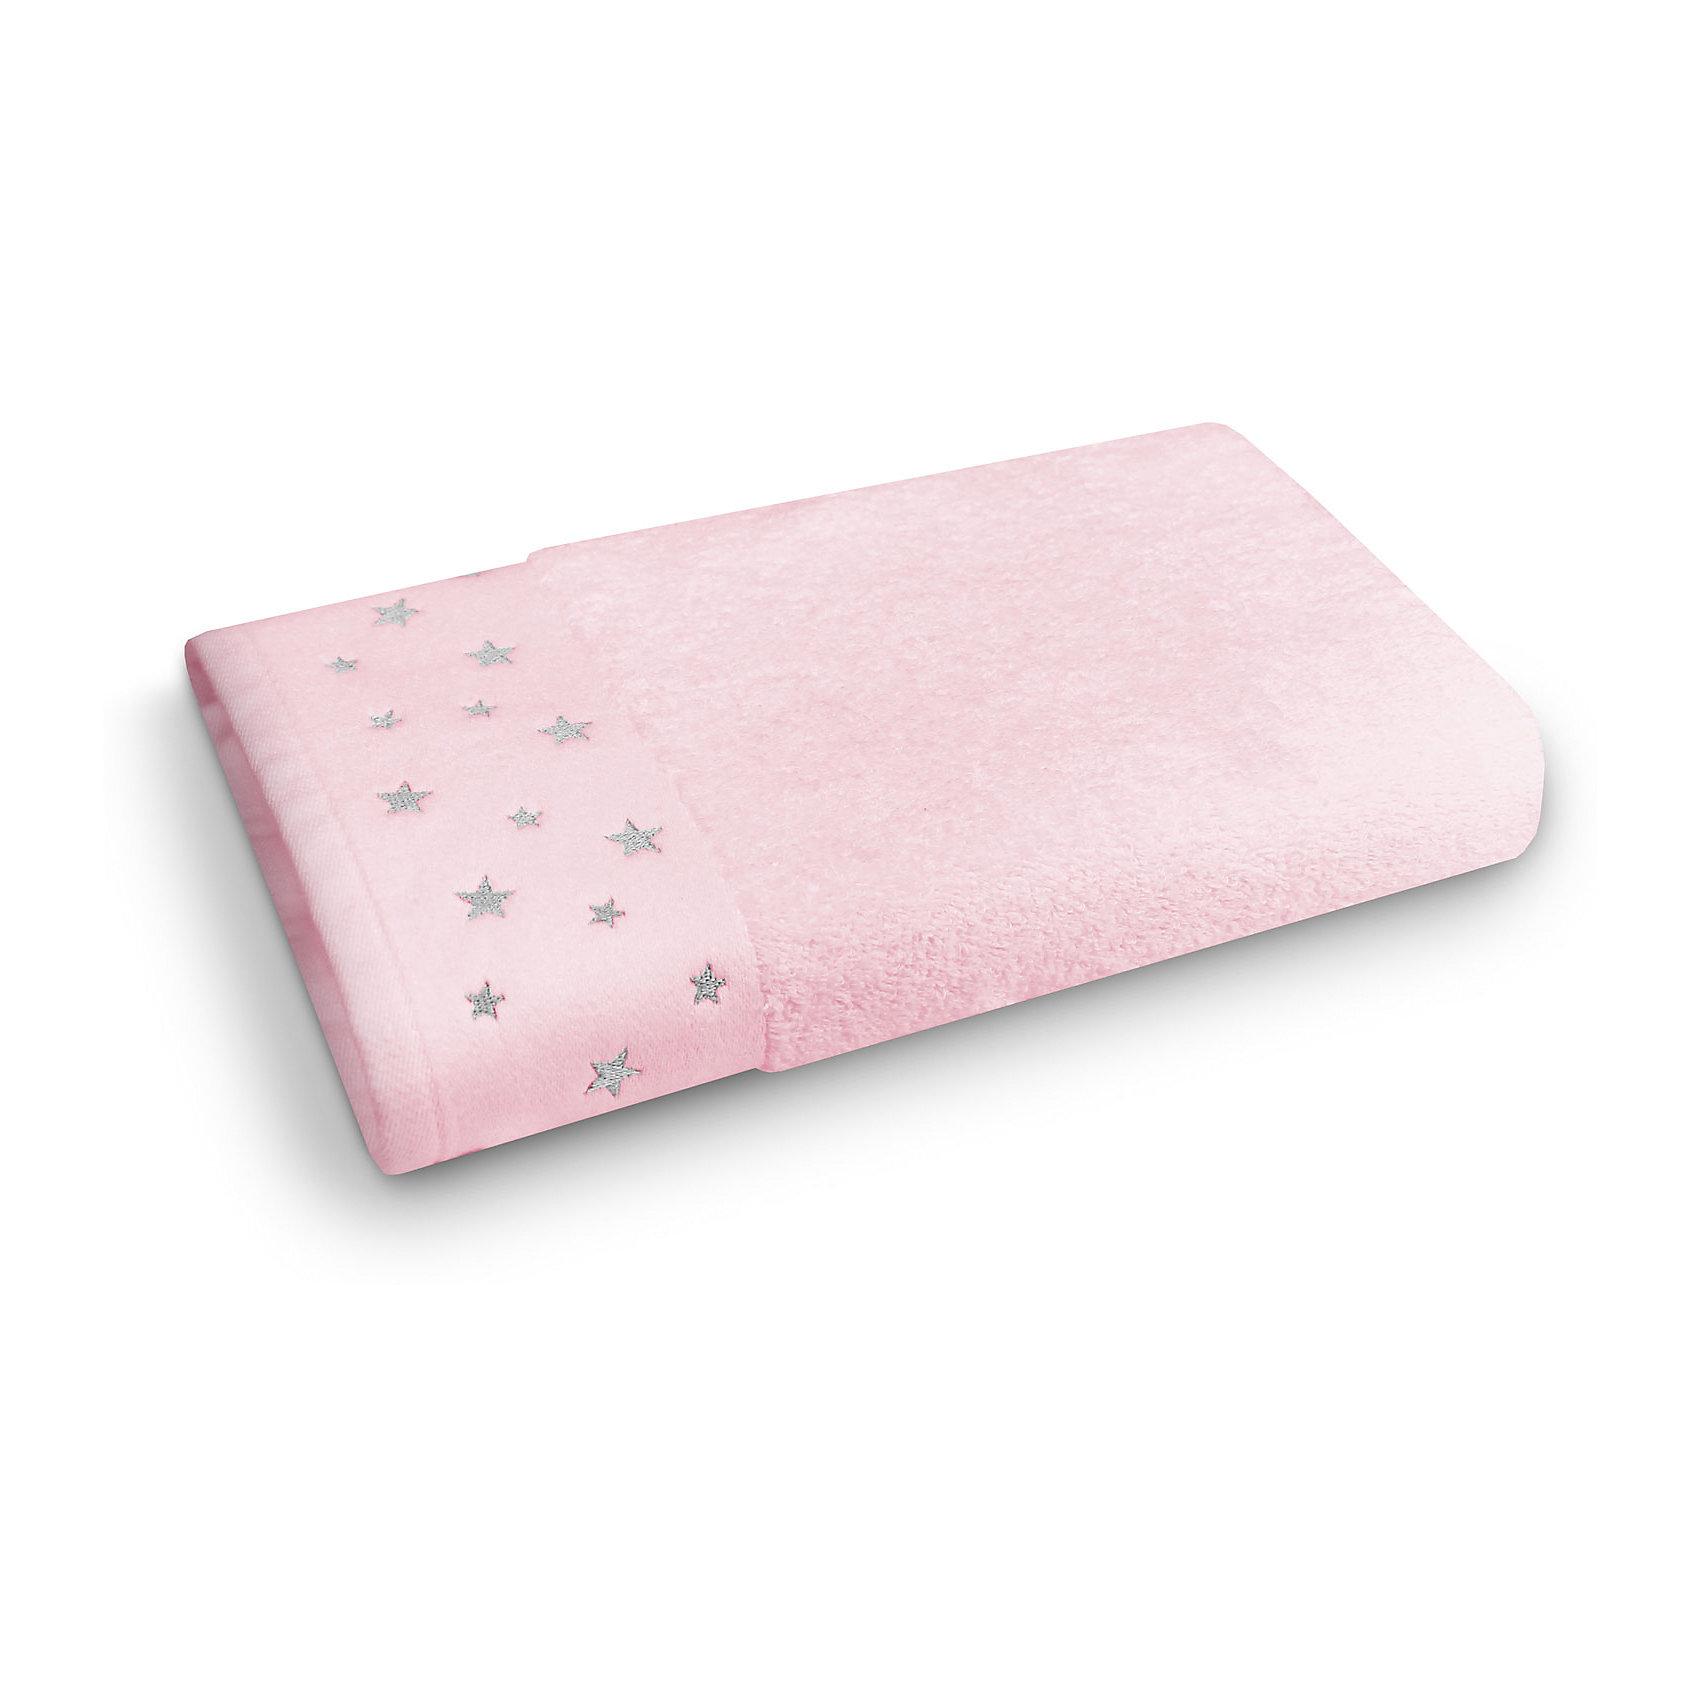 Полотенце махровое 50*90 Звездопад, Cozy Home, розовыйПолотенце махровое 50*90 Звездопад, Cozy Home (Кози Хоум), розовый<br><br>Характеристики:<br><br>• хорошо впитывает влагу<br>• интересный дизайн<br>• материал: хлопок<br>• размер: 50х90 см<br>• цвет: розовый<br><br>Полотенце от Cozy Home имеет очень приятную расцветку, а его края украшены вышивкой в виде маленьких блестящих звездочек. Оно изготовлено из высококачественного хлопка. Хлопок очень популярен благодаря таким свойствам как гипоаллергенность, мягкость и терморегуляция. Полотенце быстро впитает влагу за счет высокой гигроскопичности и подарит вам комфортные ощущения после водных процедур. Кроме того, полотенце не изменится в размере и не потеряет свой цвет после стирок.<br><br>Полотенце махровое 50*90 Звездопад, Cozy Home (Кози Хоум), розовый вы можете купить в нашем интернет-магазине<br><br>Ширина мм: 150<br>Глубина мм: 250<br>Высота мм: 150<br>Вес г: 250<br>Возраст от месяцев: 0<br>Возраст до месяцев: 216<br>Пол: Женский<br>Возраст: Детский<br>SKU: 5355289